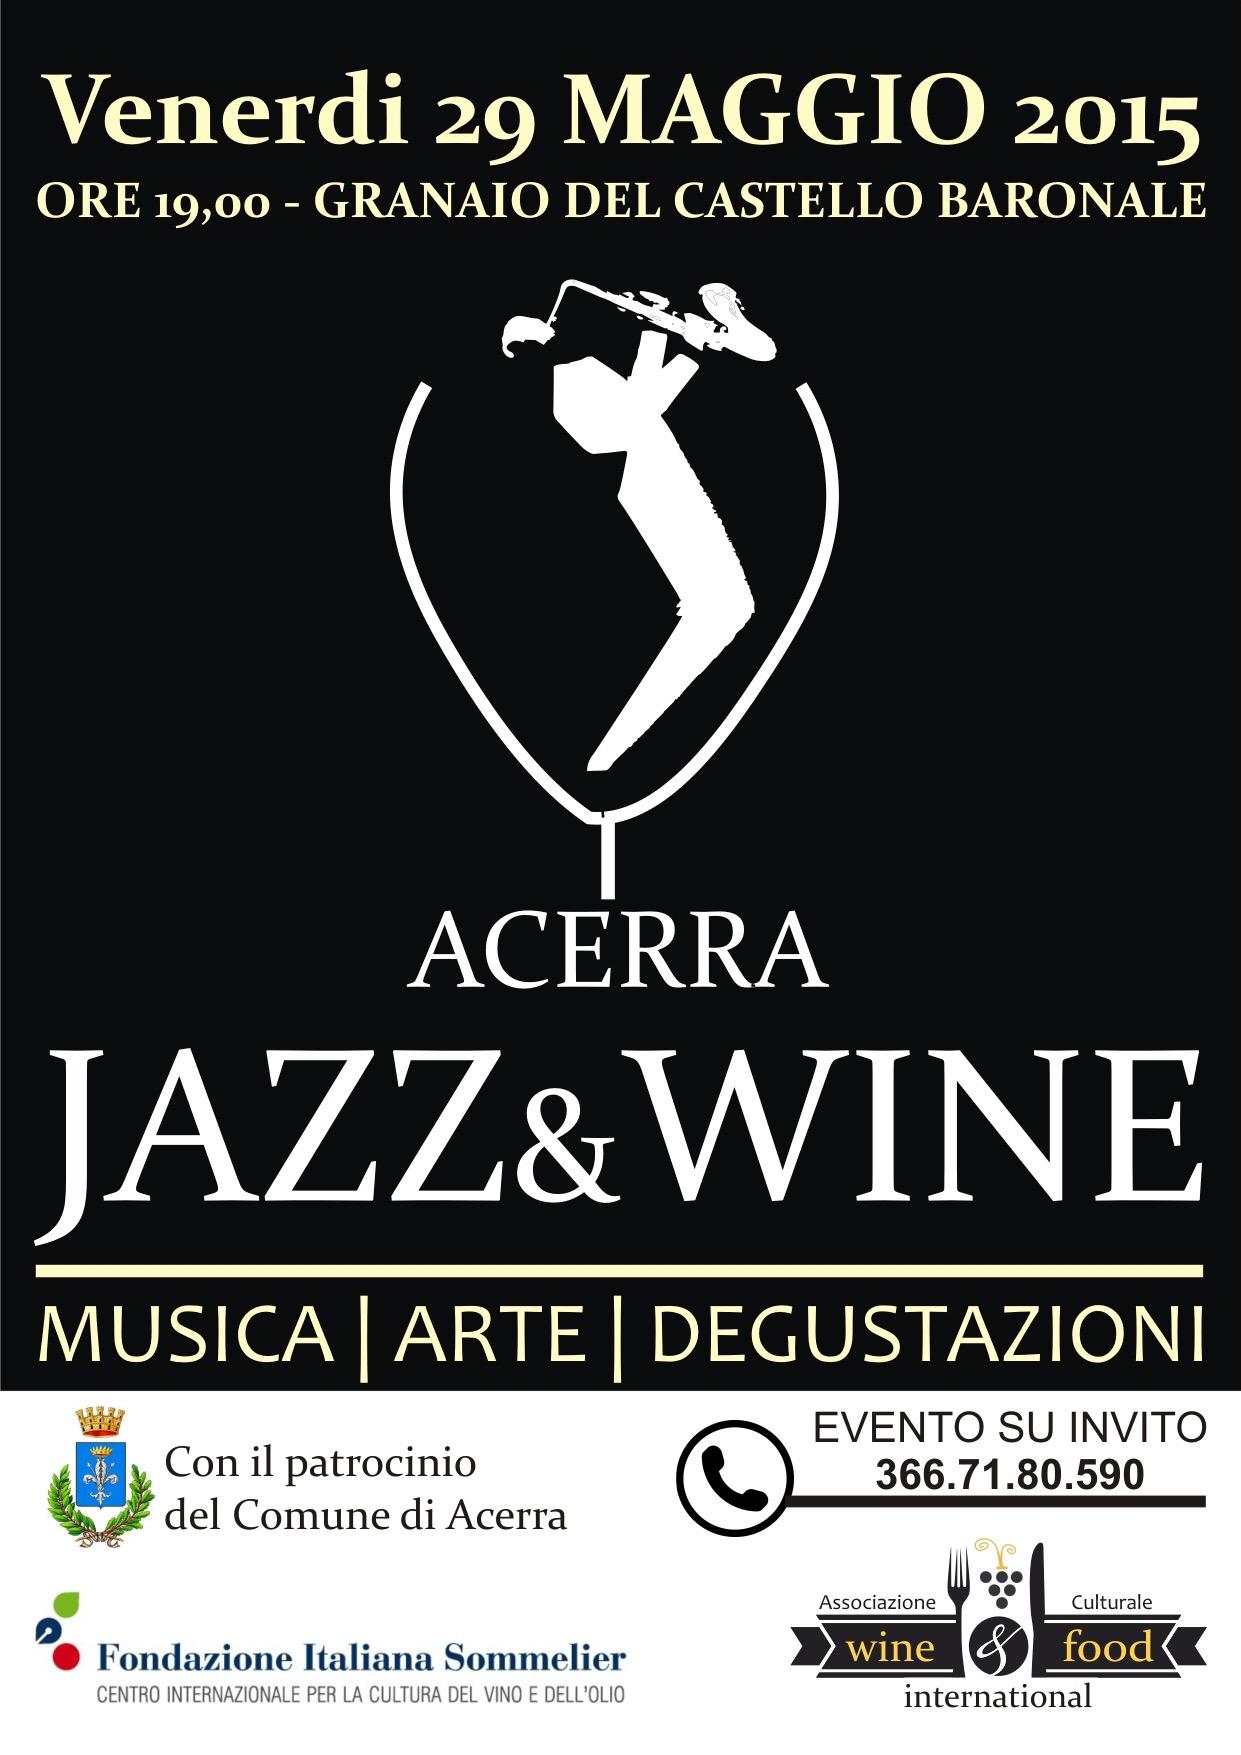 ACERRA JAZZ&WINE, venerdí 29 maggioMusica, Arte e Degustazioni nella cornice del Castello Baronale di Acerra